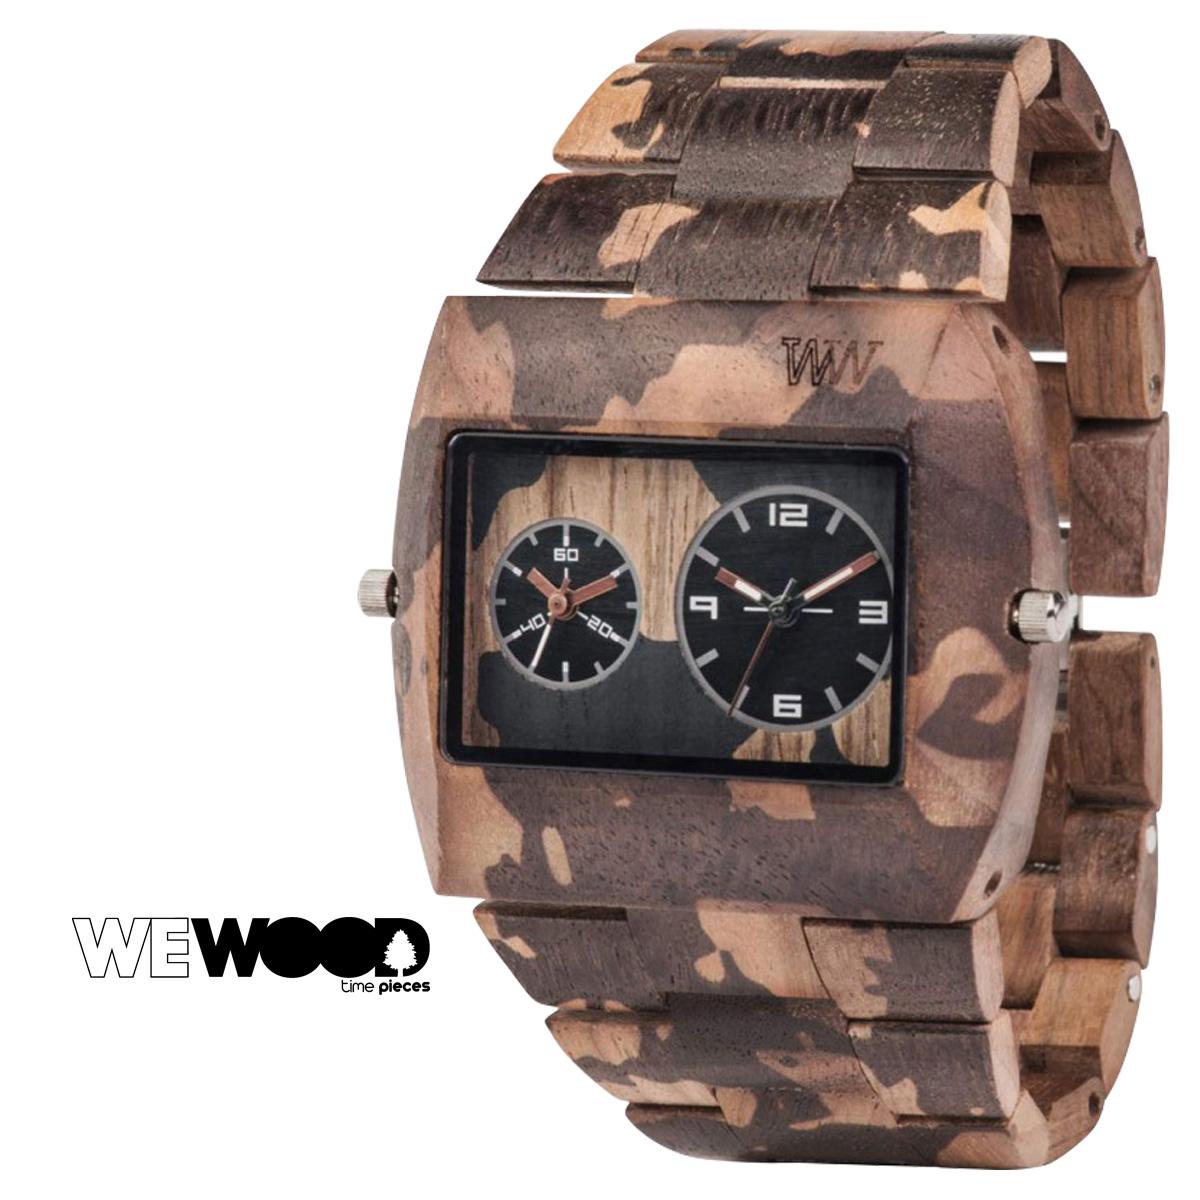 【最大2000円OFFクーポン】 WEWOOD 腕時計 レディース ウィーウッド JUPITER CAMO NUT カモ メンズ ジュピター